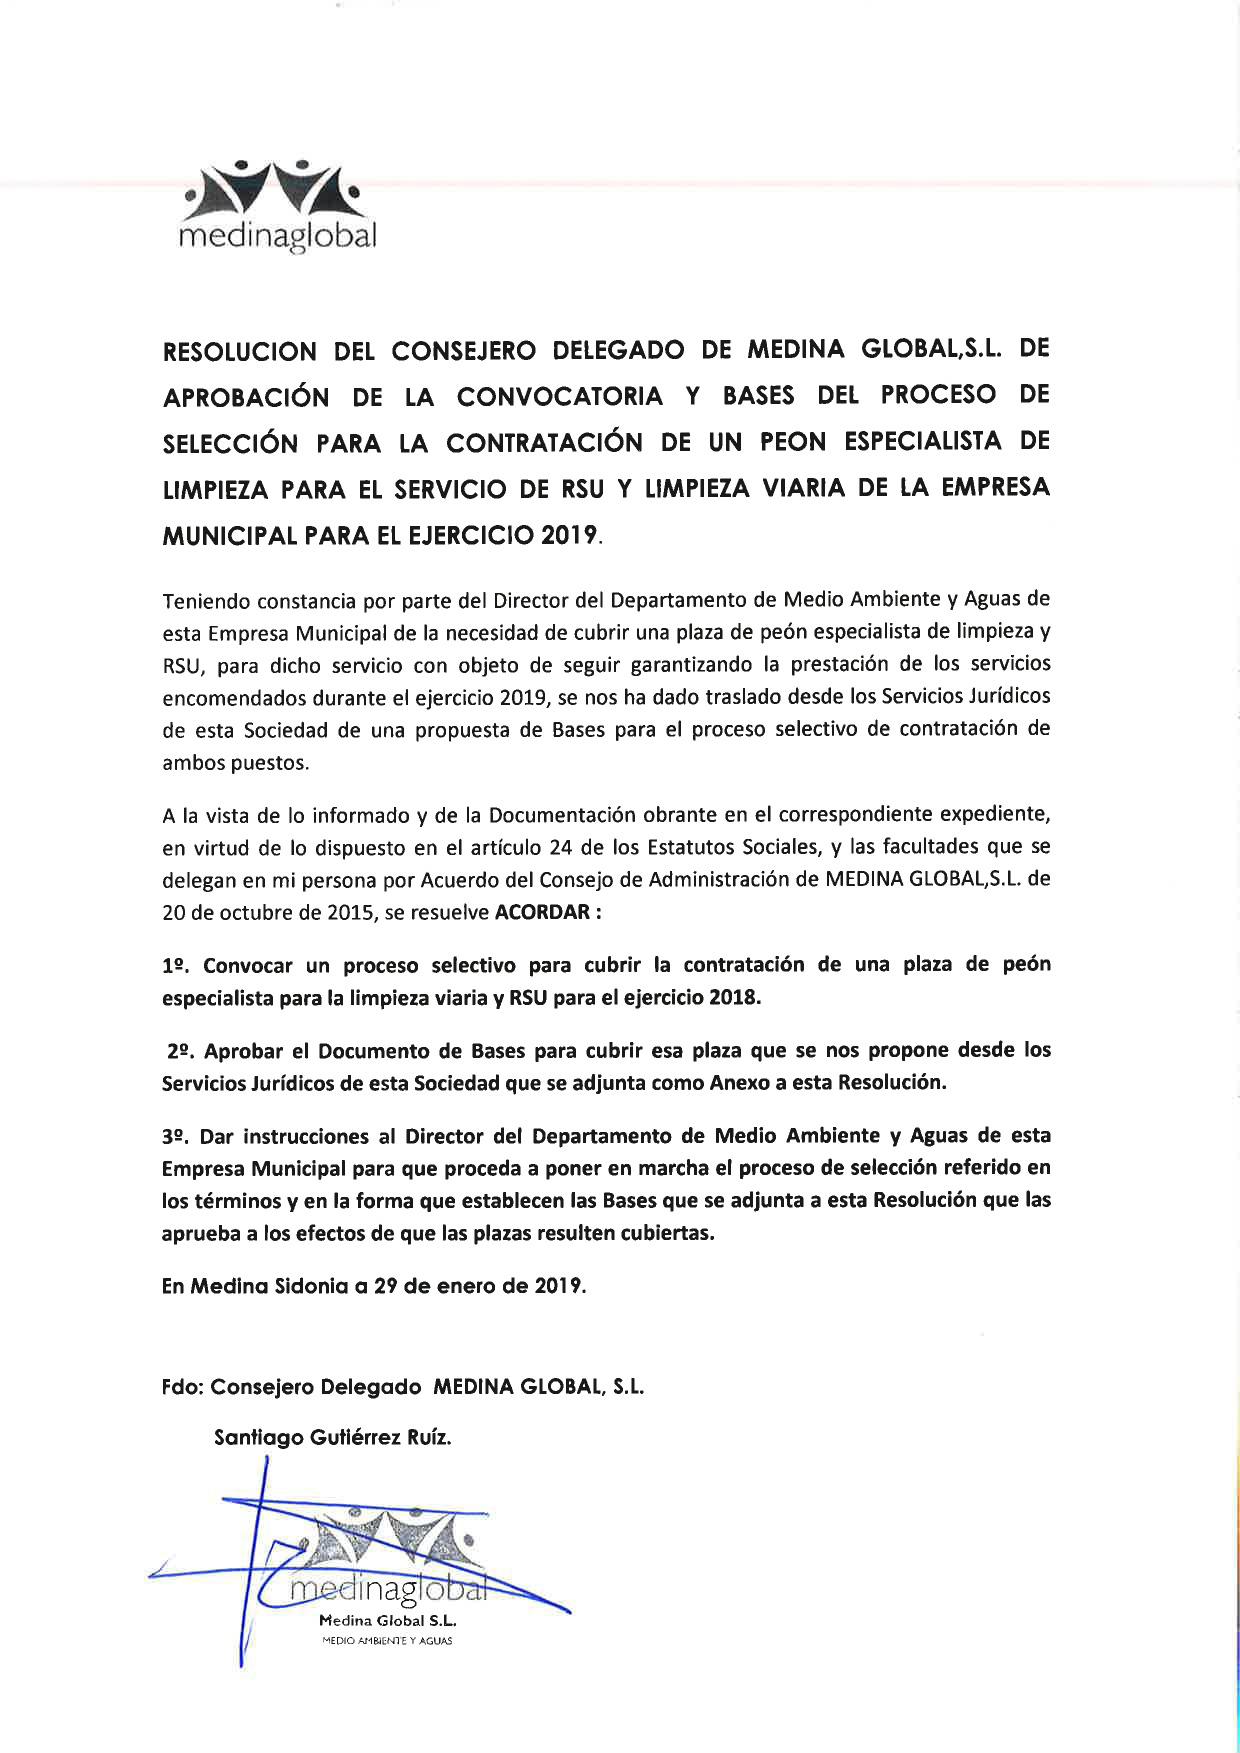 RESOLUCION CONSEJ DELG APROB BASES CONTRATACION PEON LIMPIEZA 30.01.2019